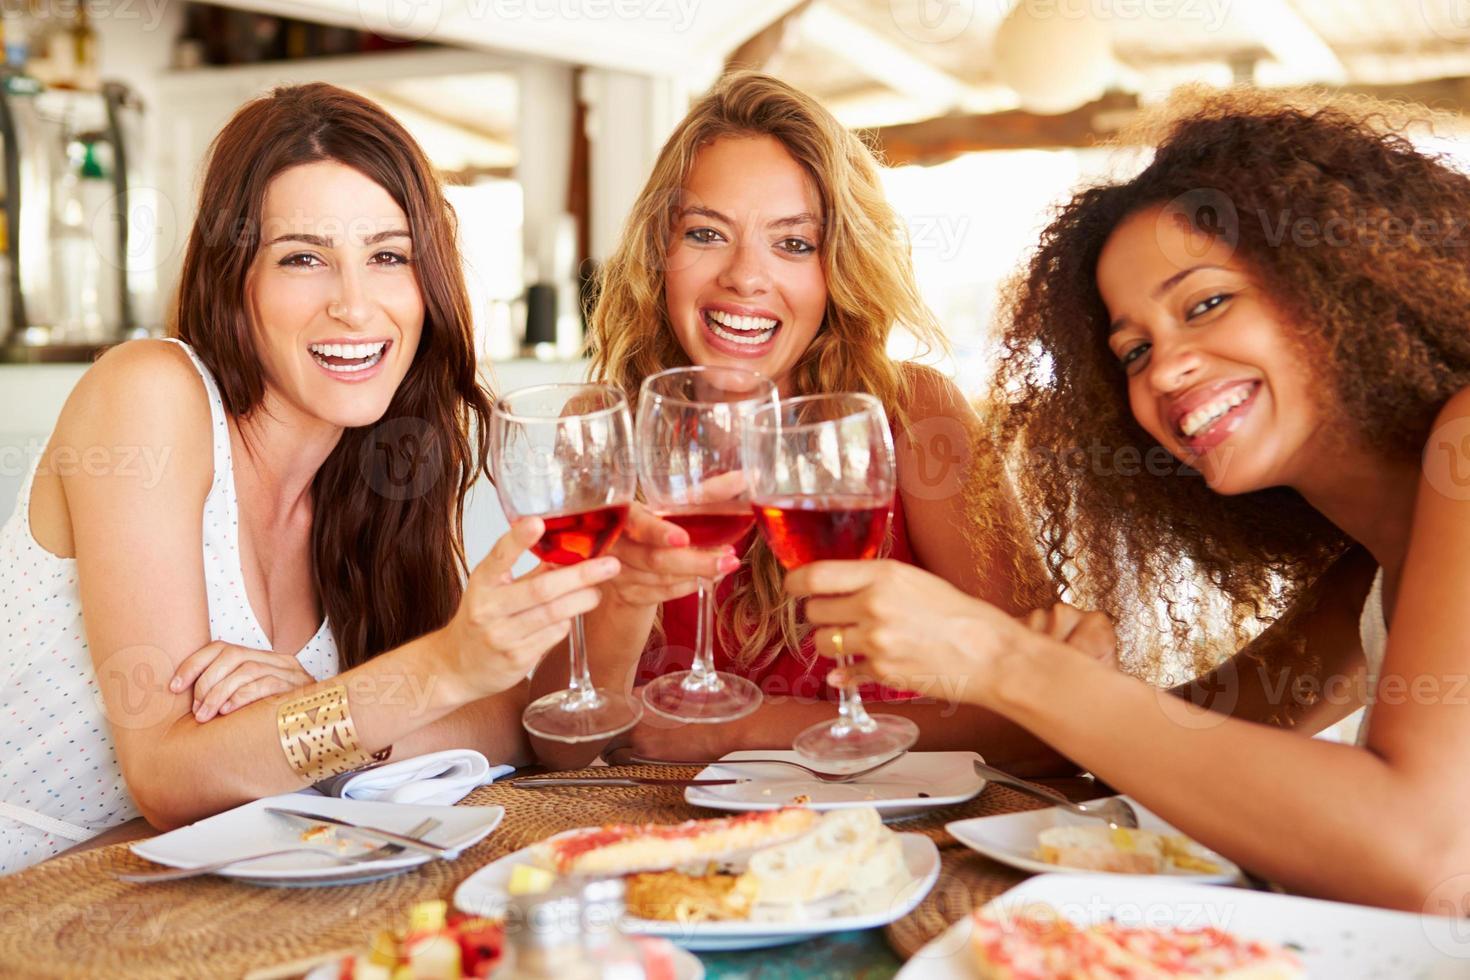 gruppo di amiche che godono del pasto in ristorante all'aperto foto